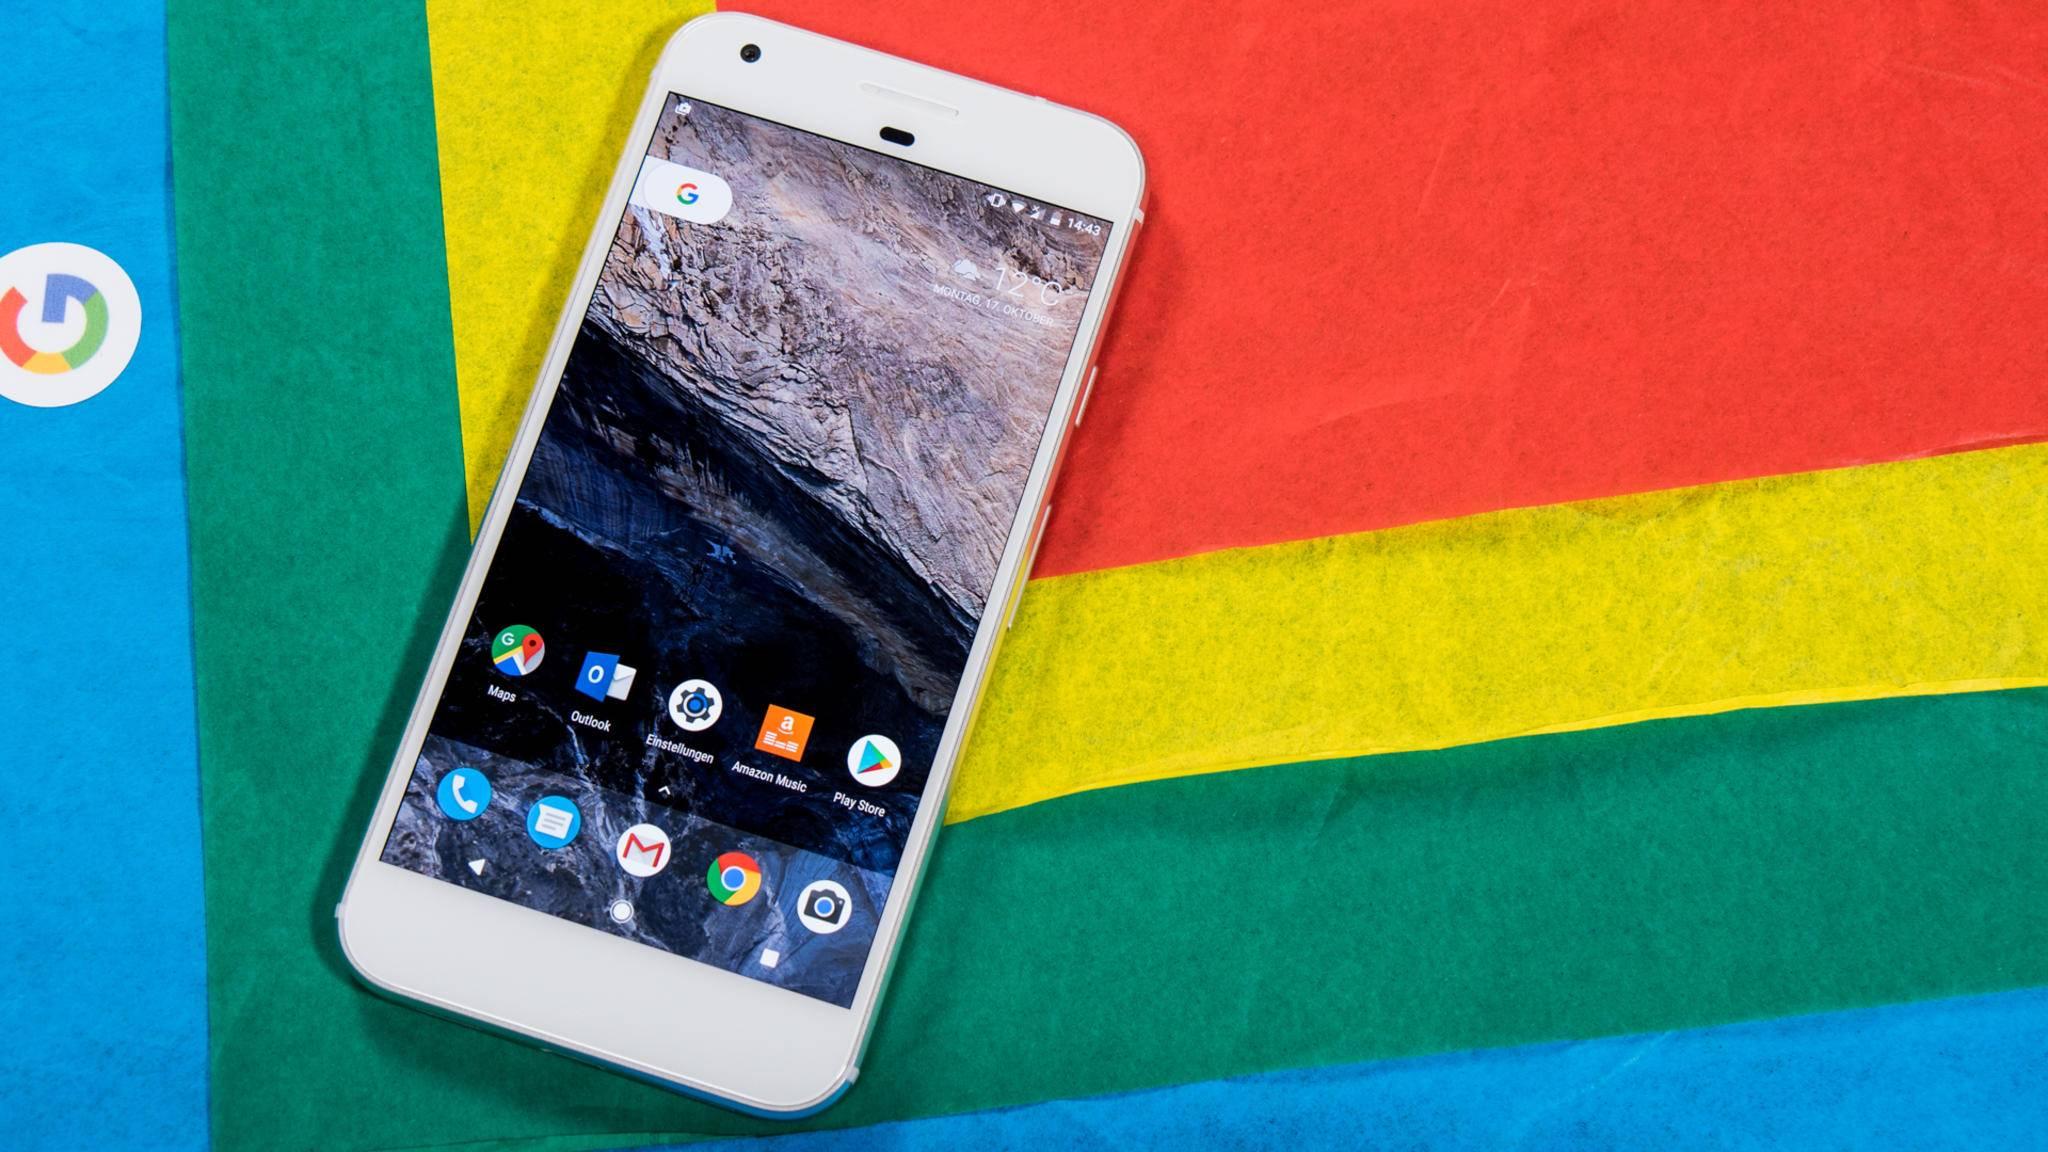 Google geht aktiv gegen den Weiterverkauf des Pixel vor.